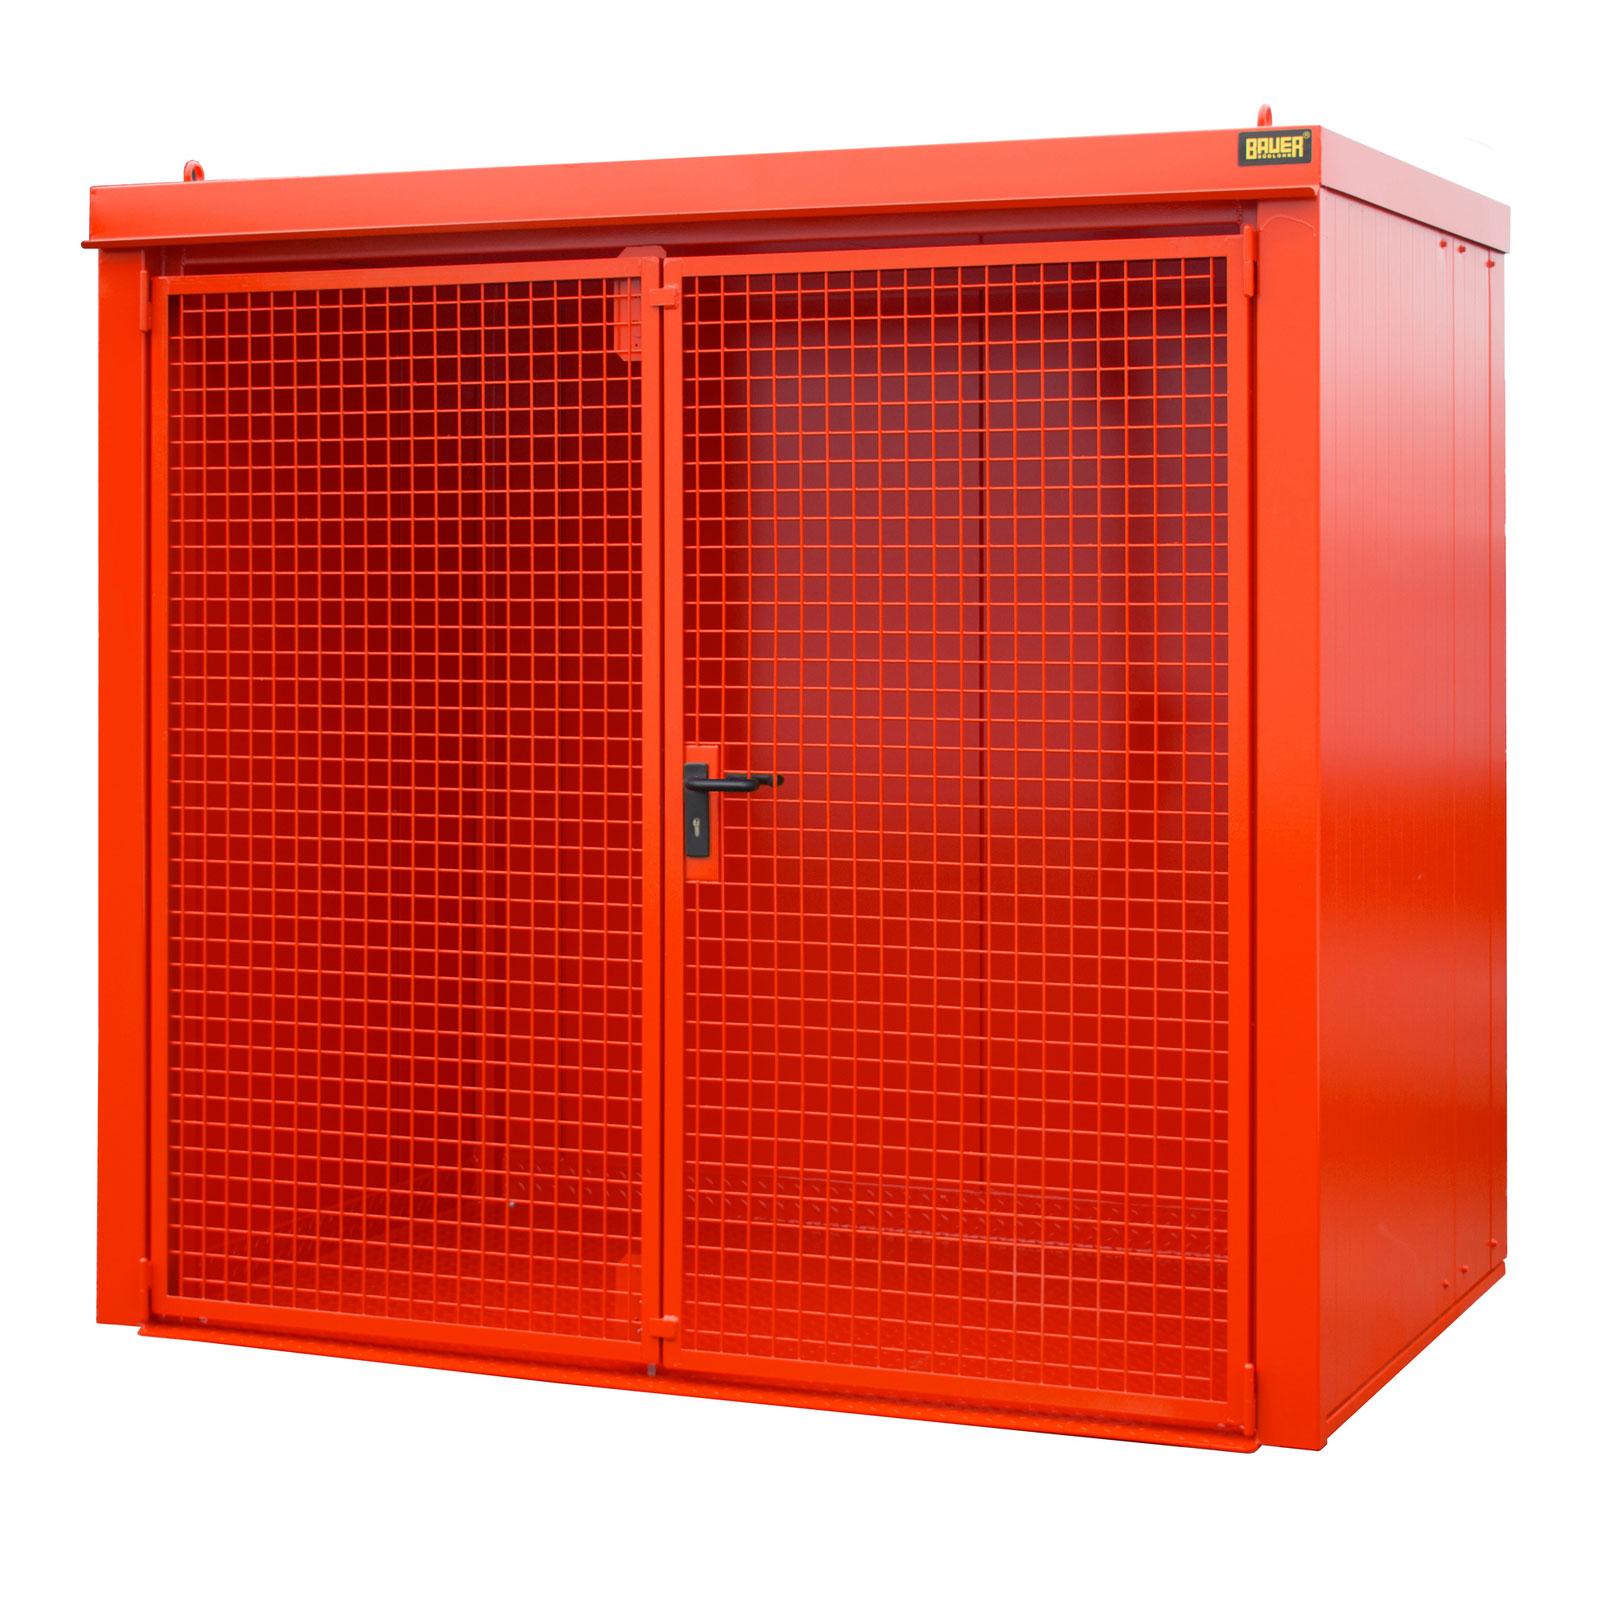 Bauer Gasflaschen-Container GFC-B M3, Feuerrot für 45x Gasflaschen Ø 230 mm 4477-33-0000-2